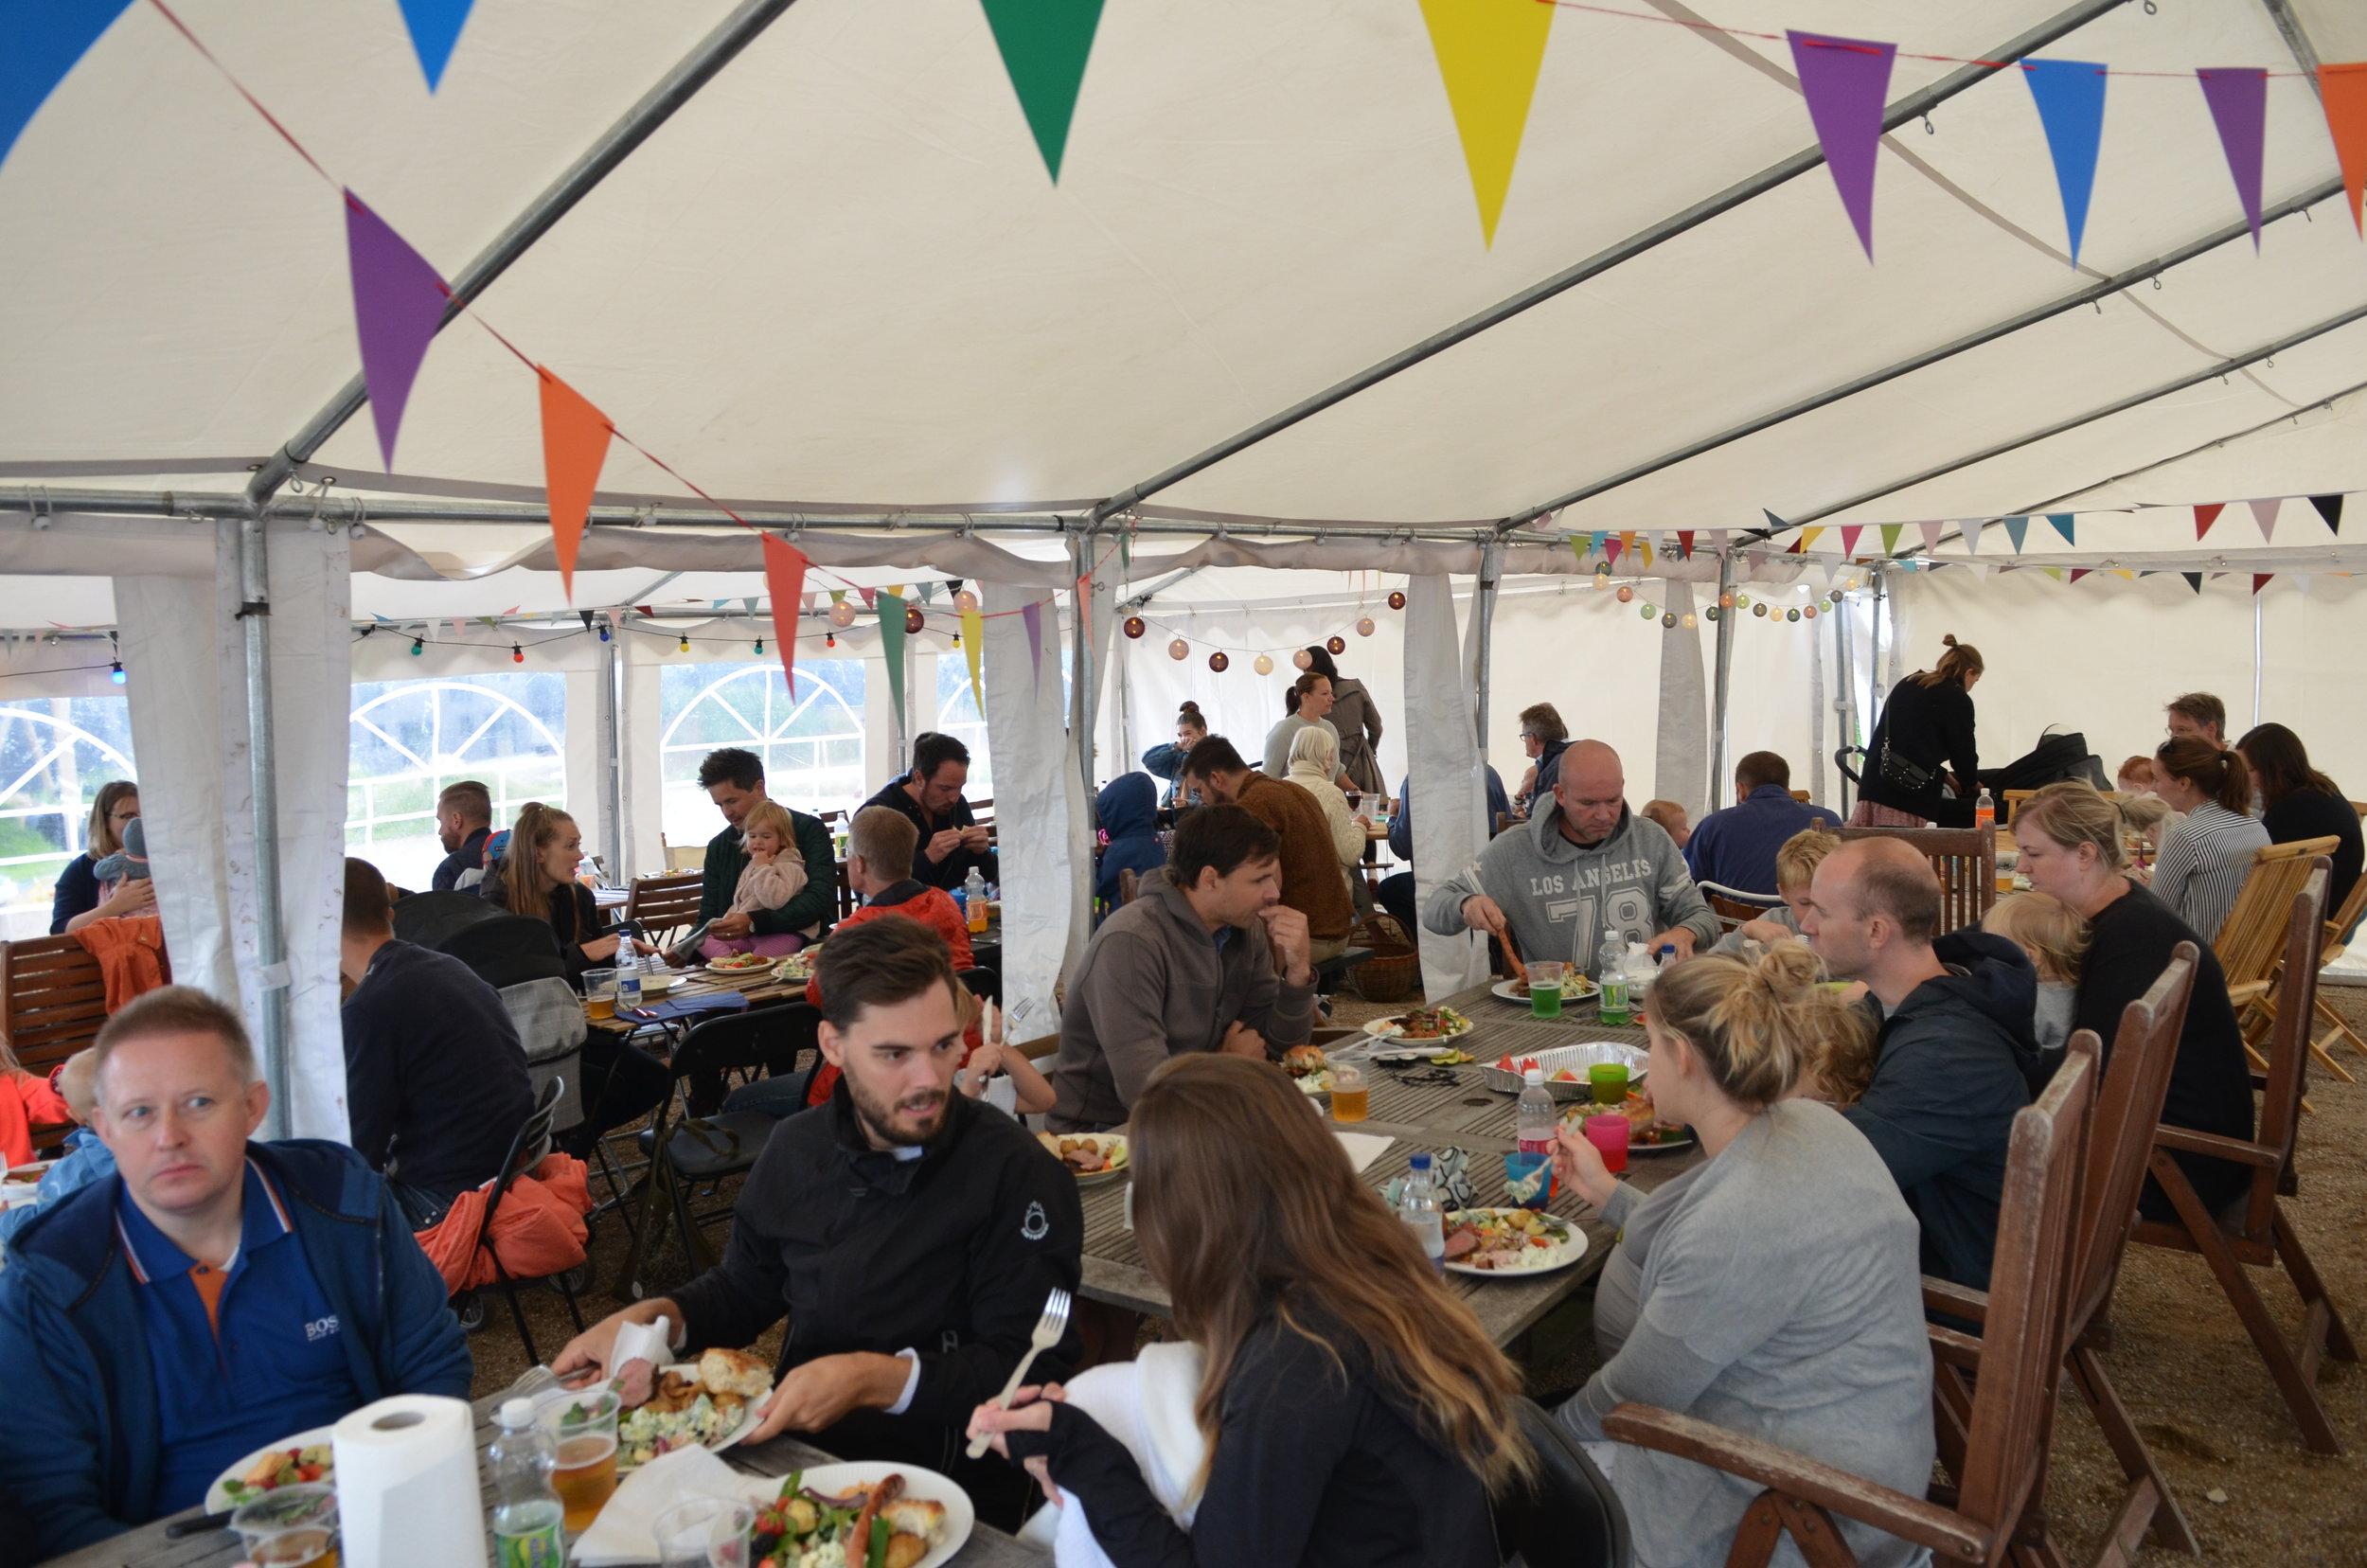 Alle nåede at komme ind i teltet for at nyde den dejlige mad, inden det rigtig begyndte at regne. Foto: AOB